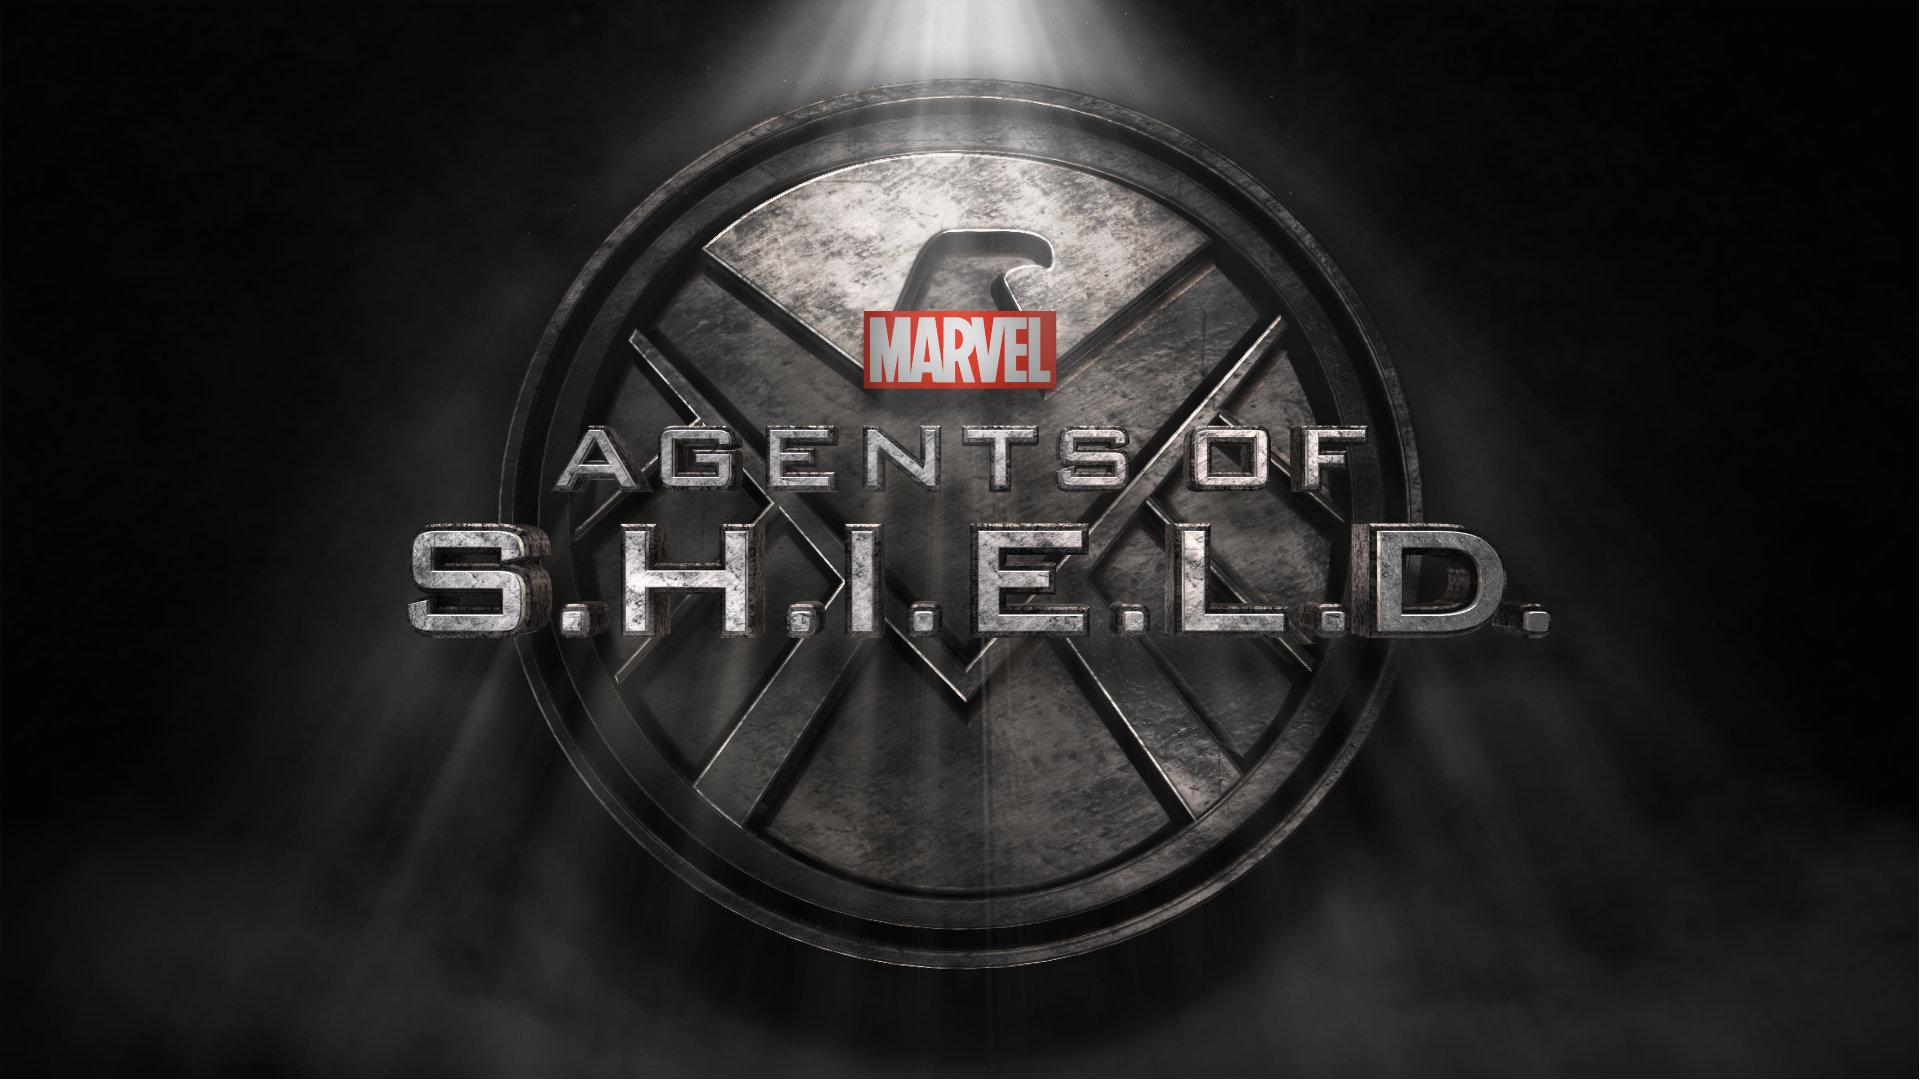 Parminder Nagra y Mallory Jansen se unen a Agents of S.H.I.E.L.D.